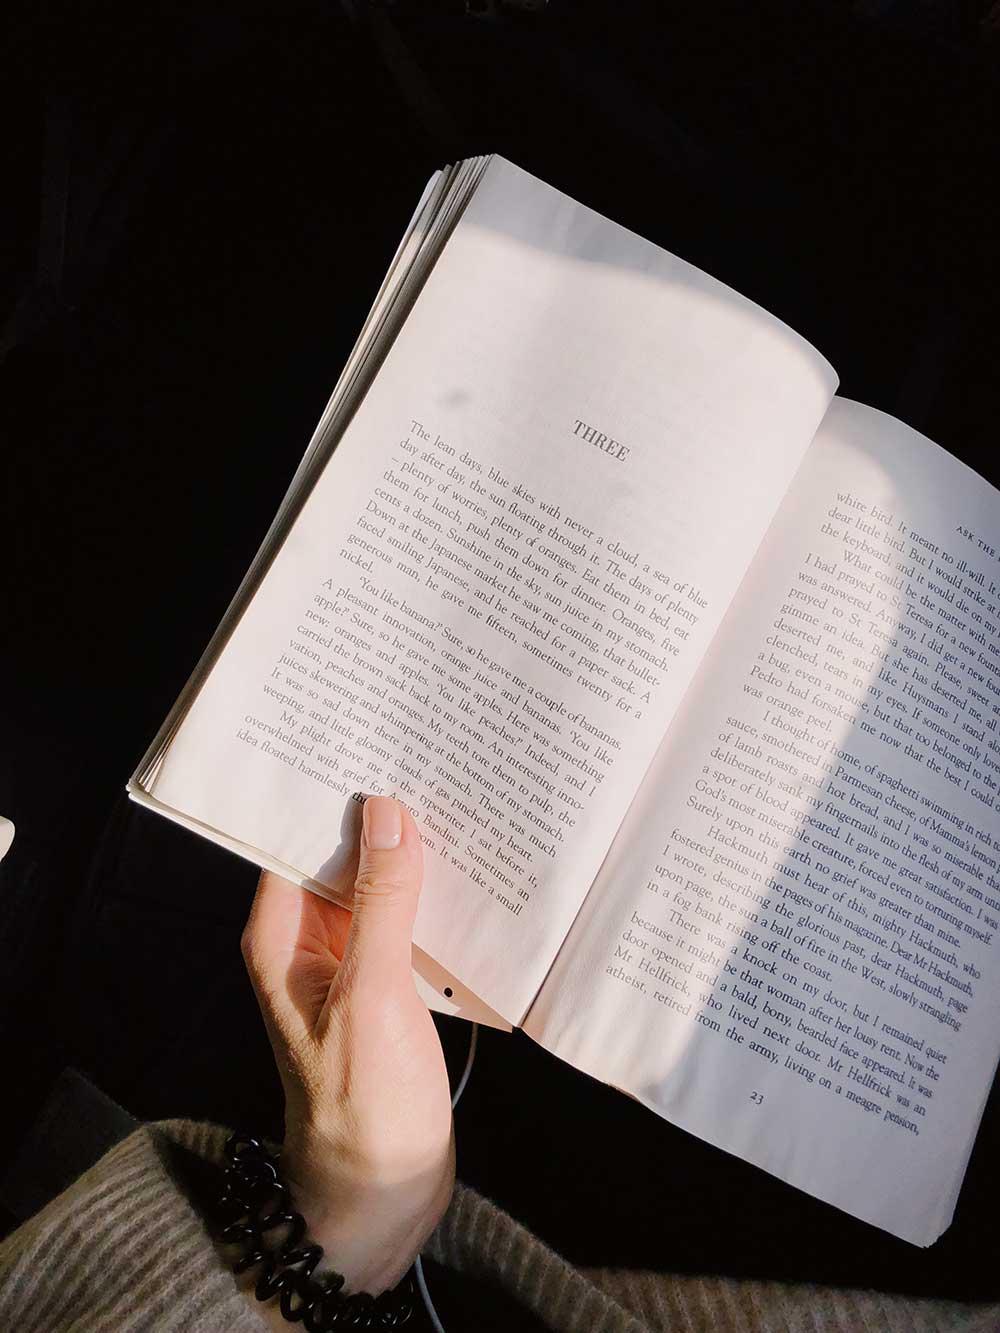 Menggunakan Pencahayaan Cukup Ketika Membaca